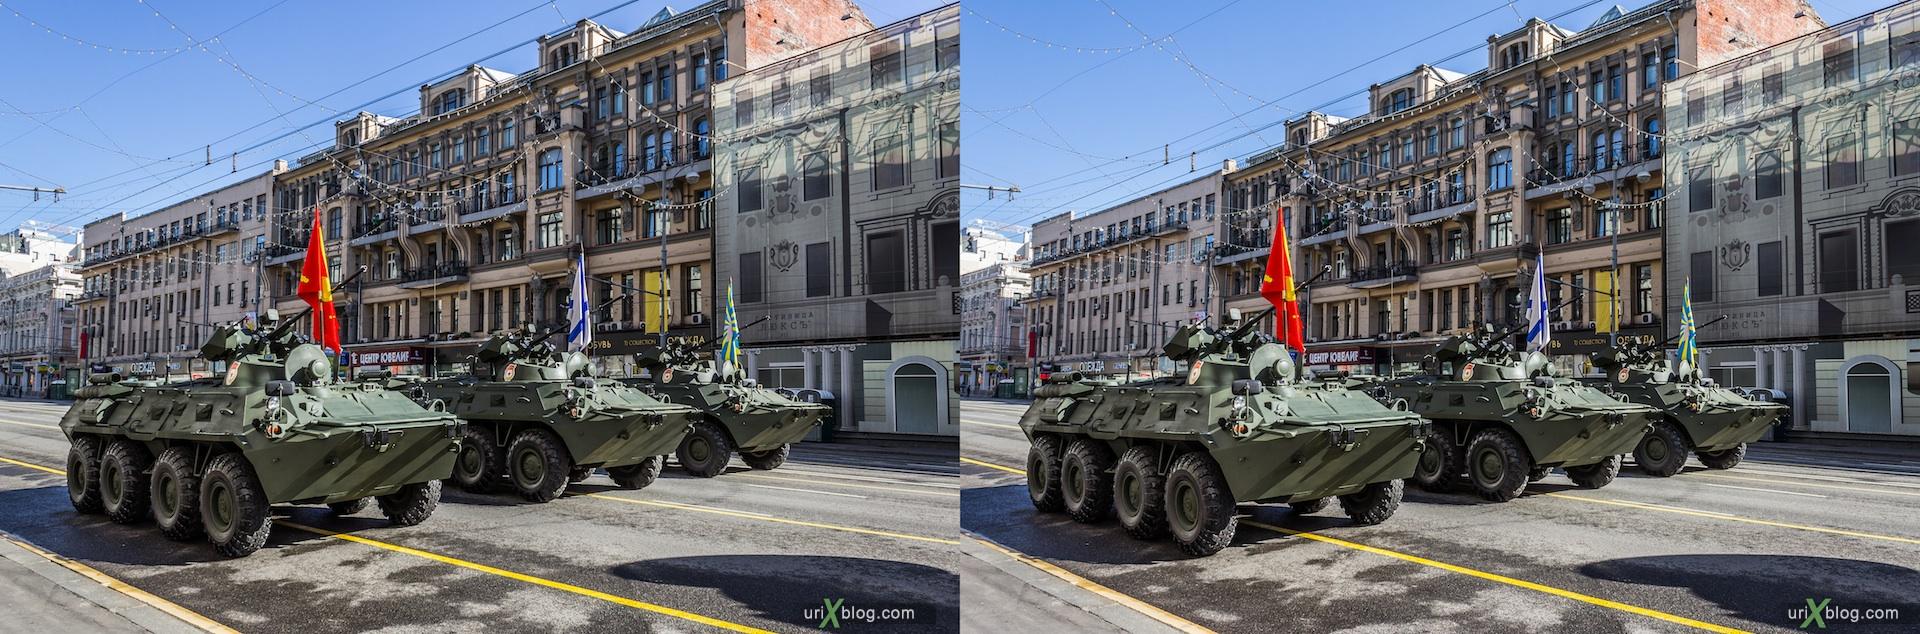 2013, Тверская улица, парад, 9 мая, праздник, танк, бронетранспортёр, джип, ракета, катюша, солдат, Москва, Россия, 3D, перекрёстные стереопары, стерео, стереопара, стереопары